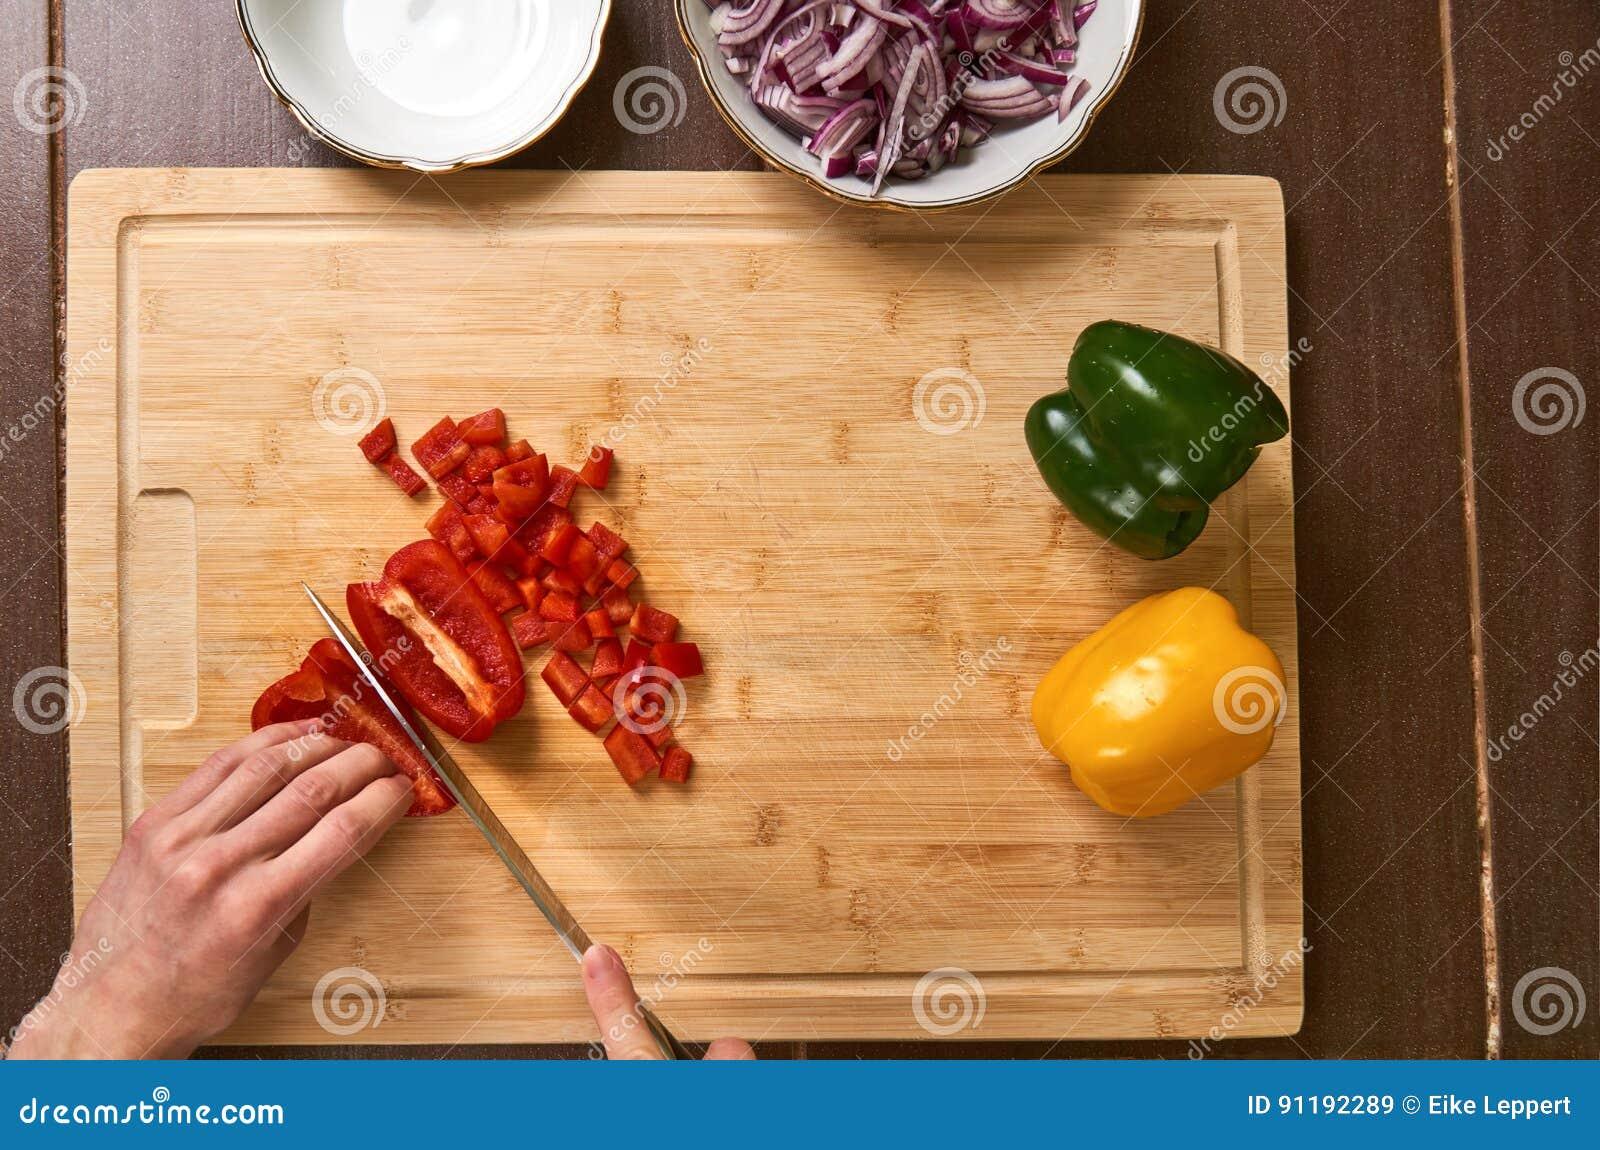 Sirva las manos del ` s que cortan verduras frescas en la cocina, preparando una comida para el almuerzo El top abajo ve